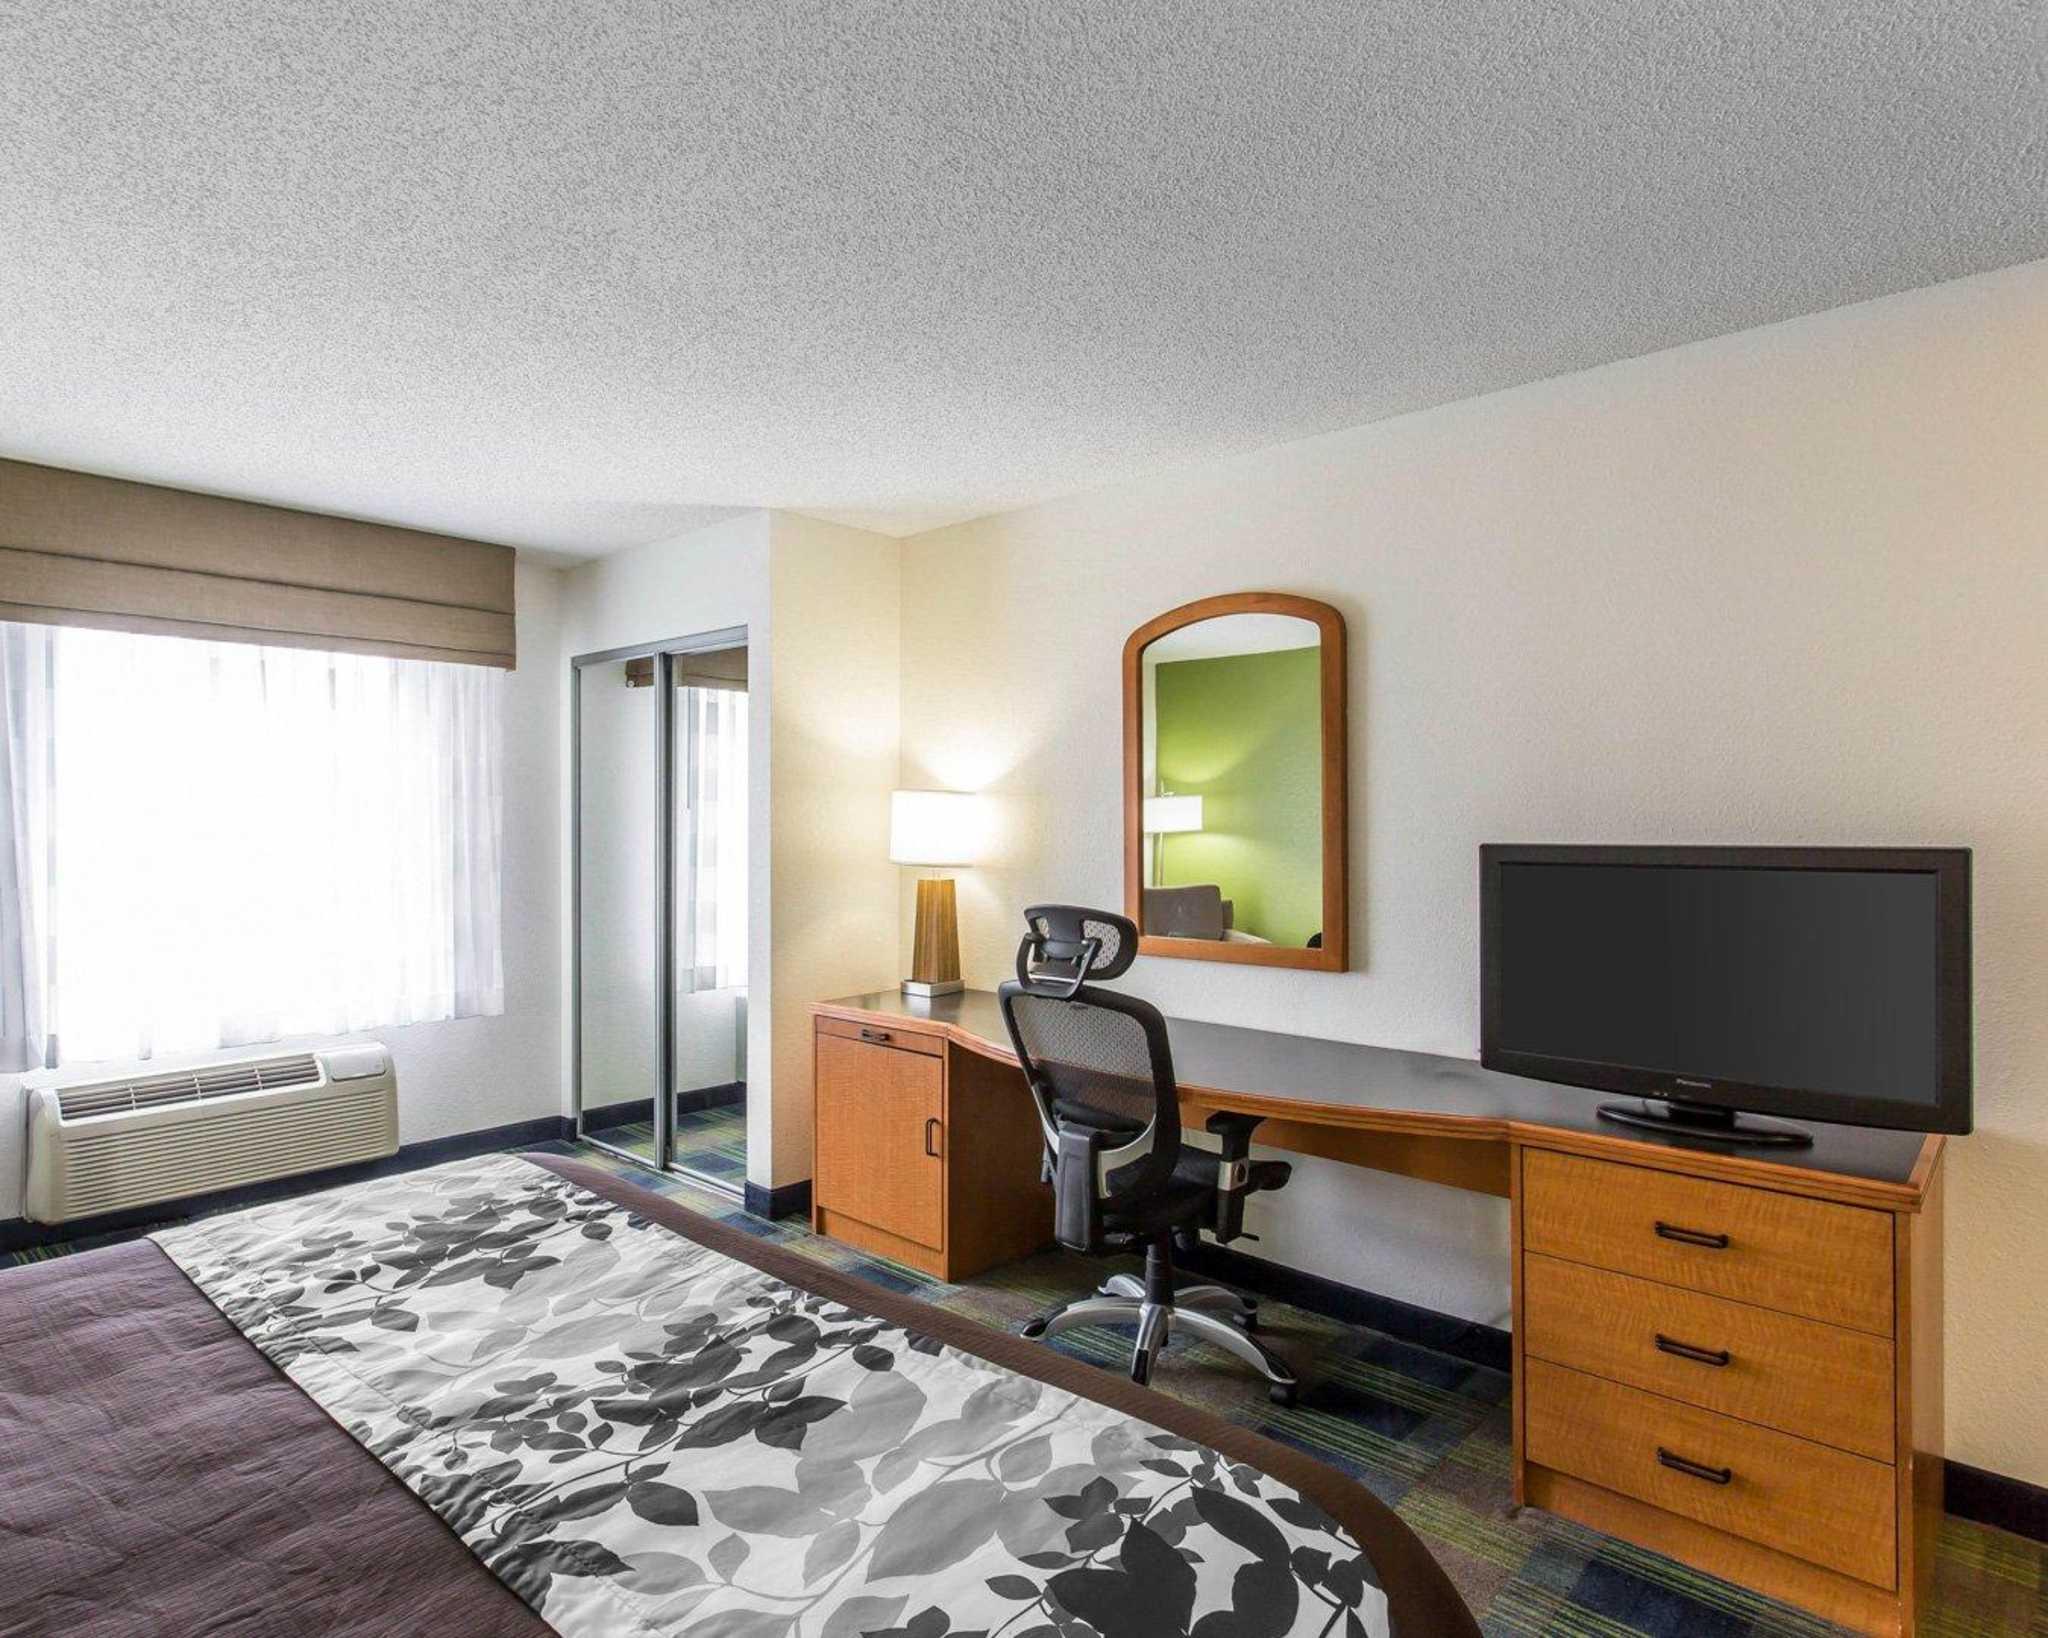 Sleep Inn & Suites image 20